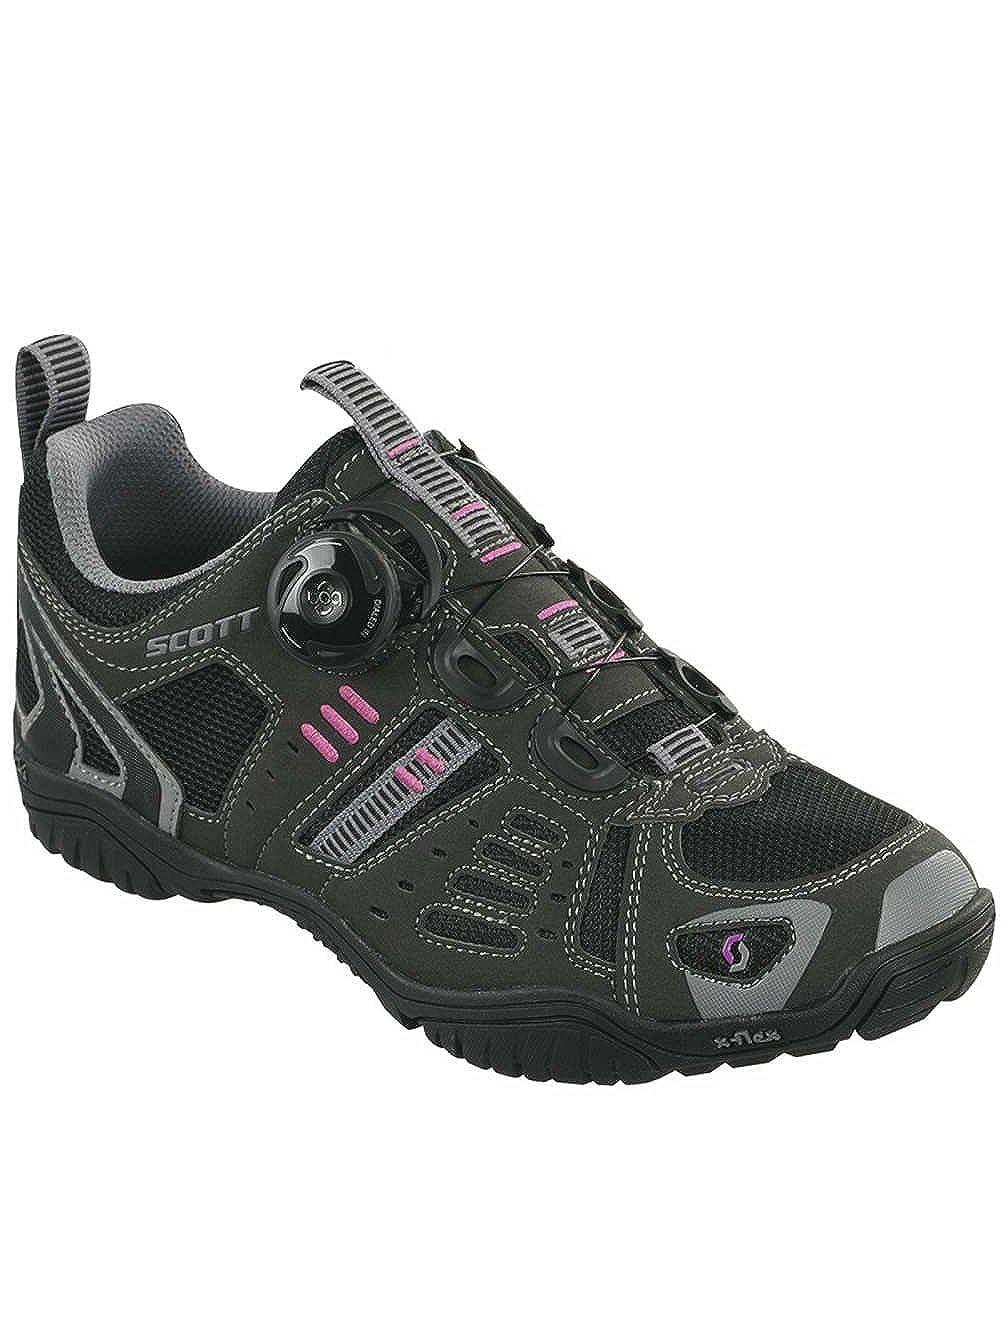 Noir - noir Scott Chaussures de Trail Femme